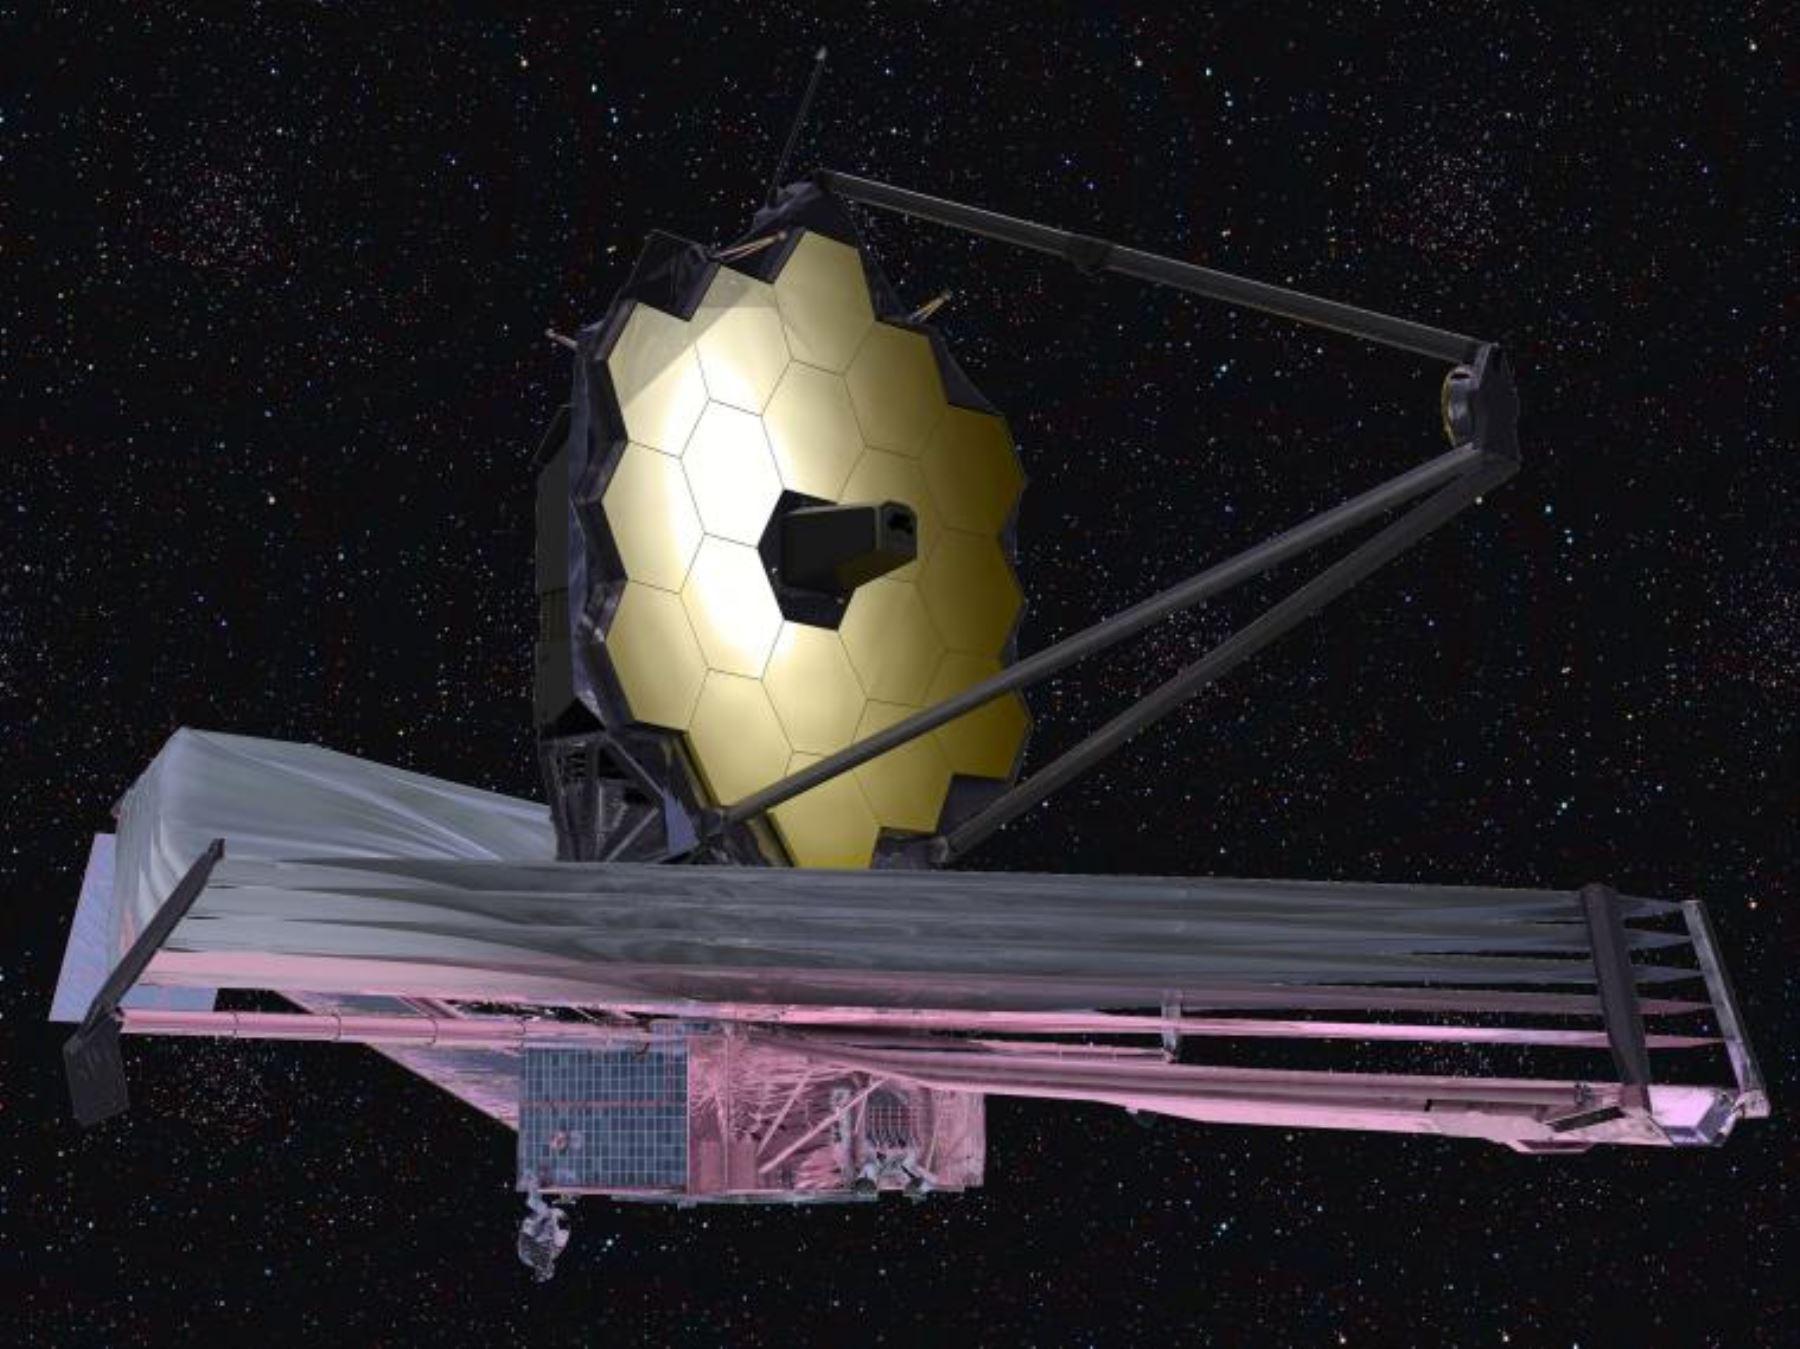 Telescopio espacial James Webb. Foto: NASA